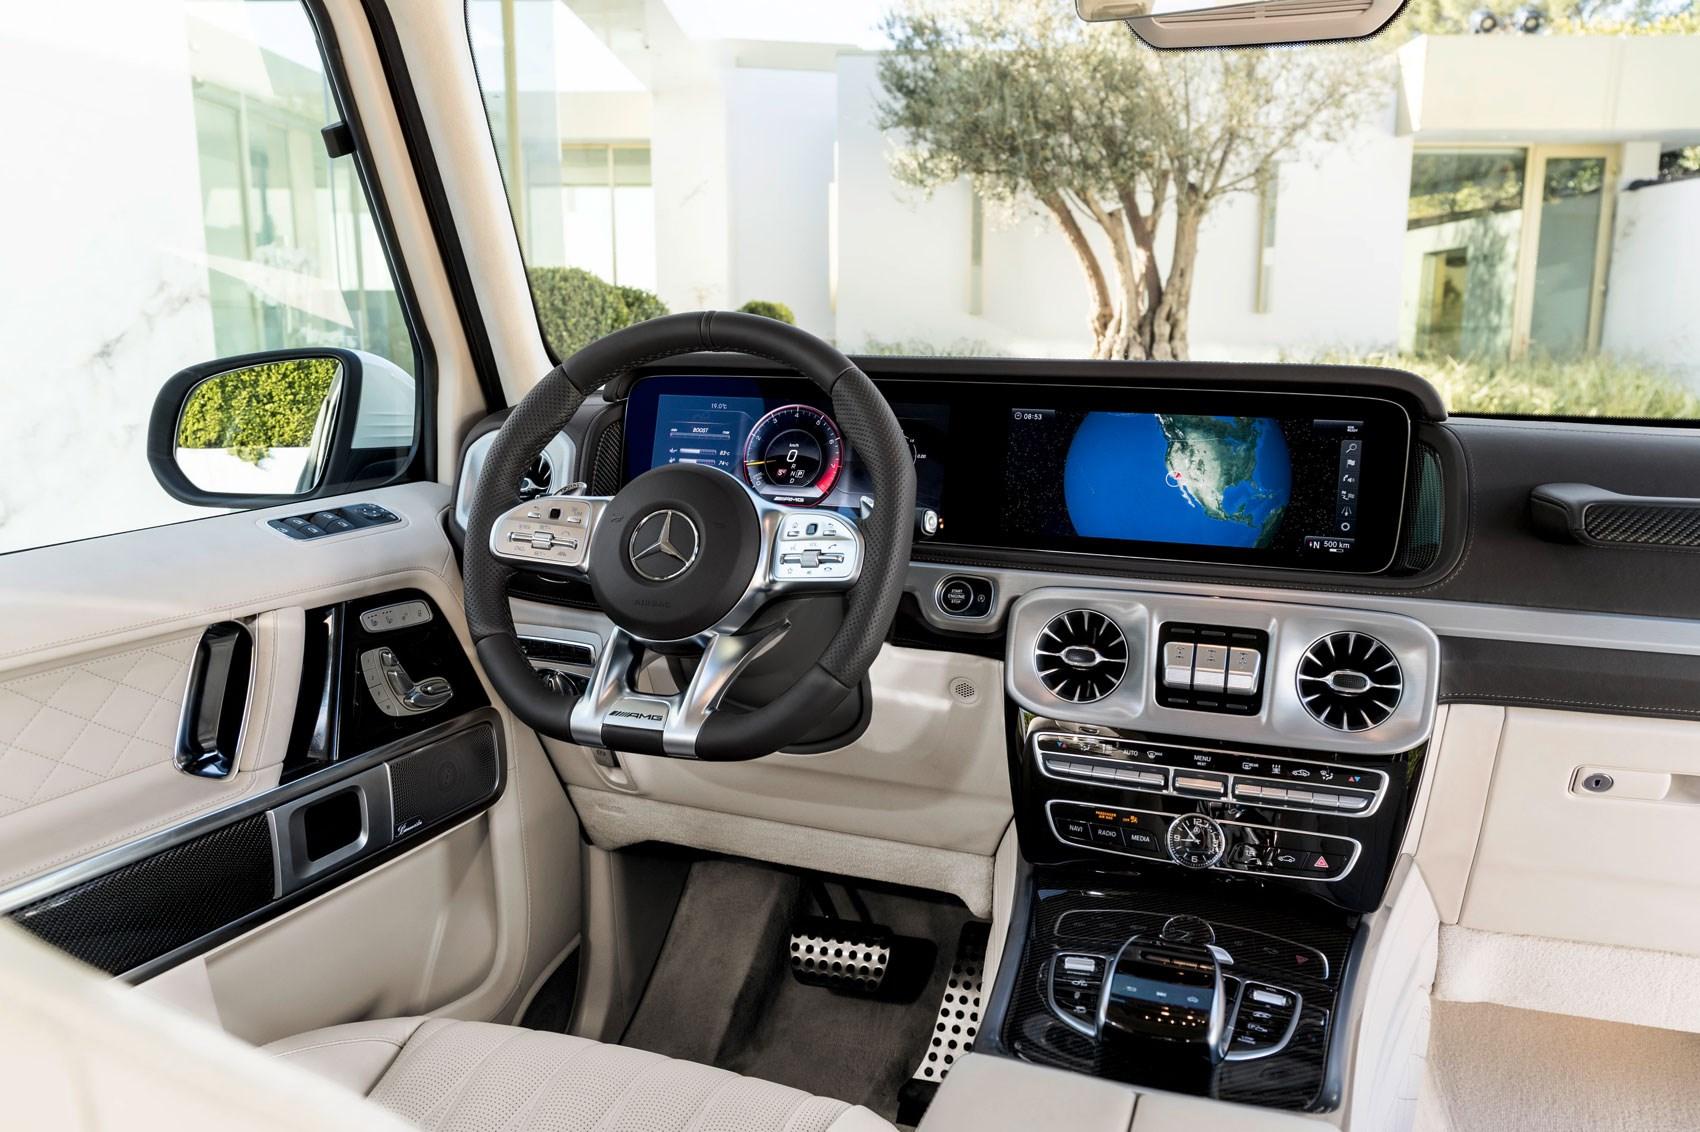 New Mercedes Amg G63 Behemoth 4x4 Gets A 577bhp Affalterbach